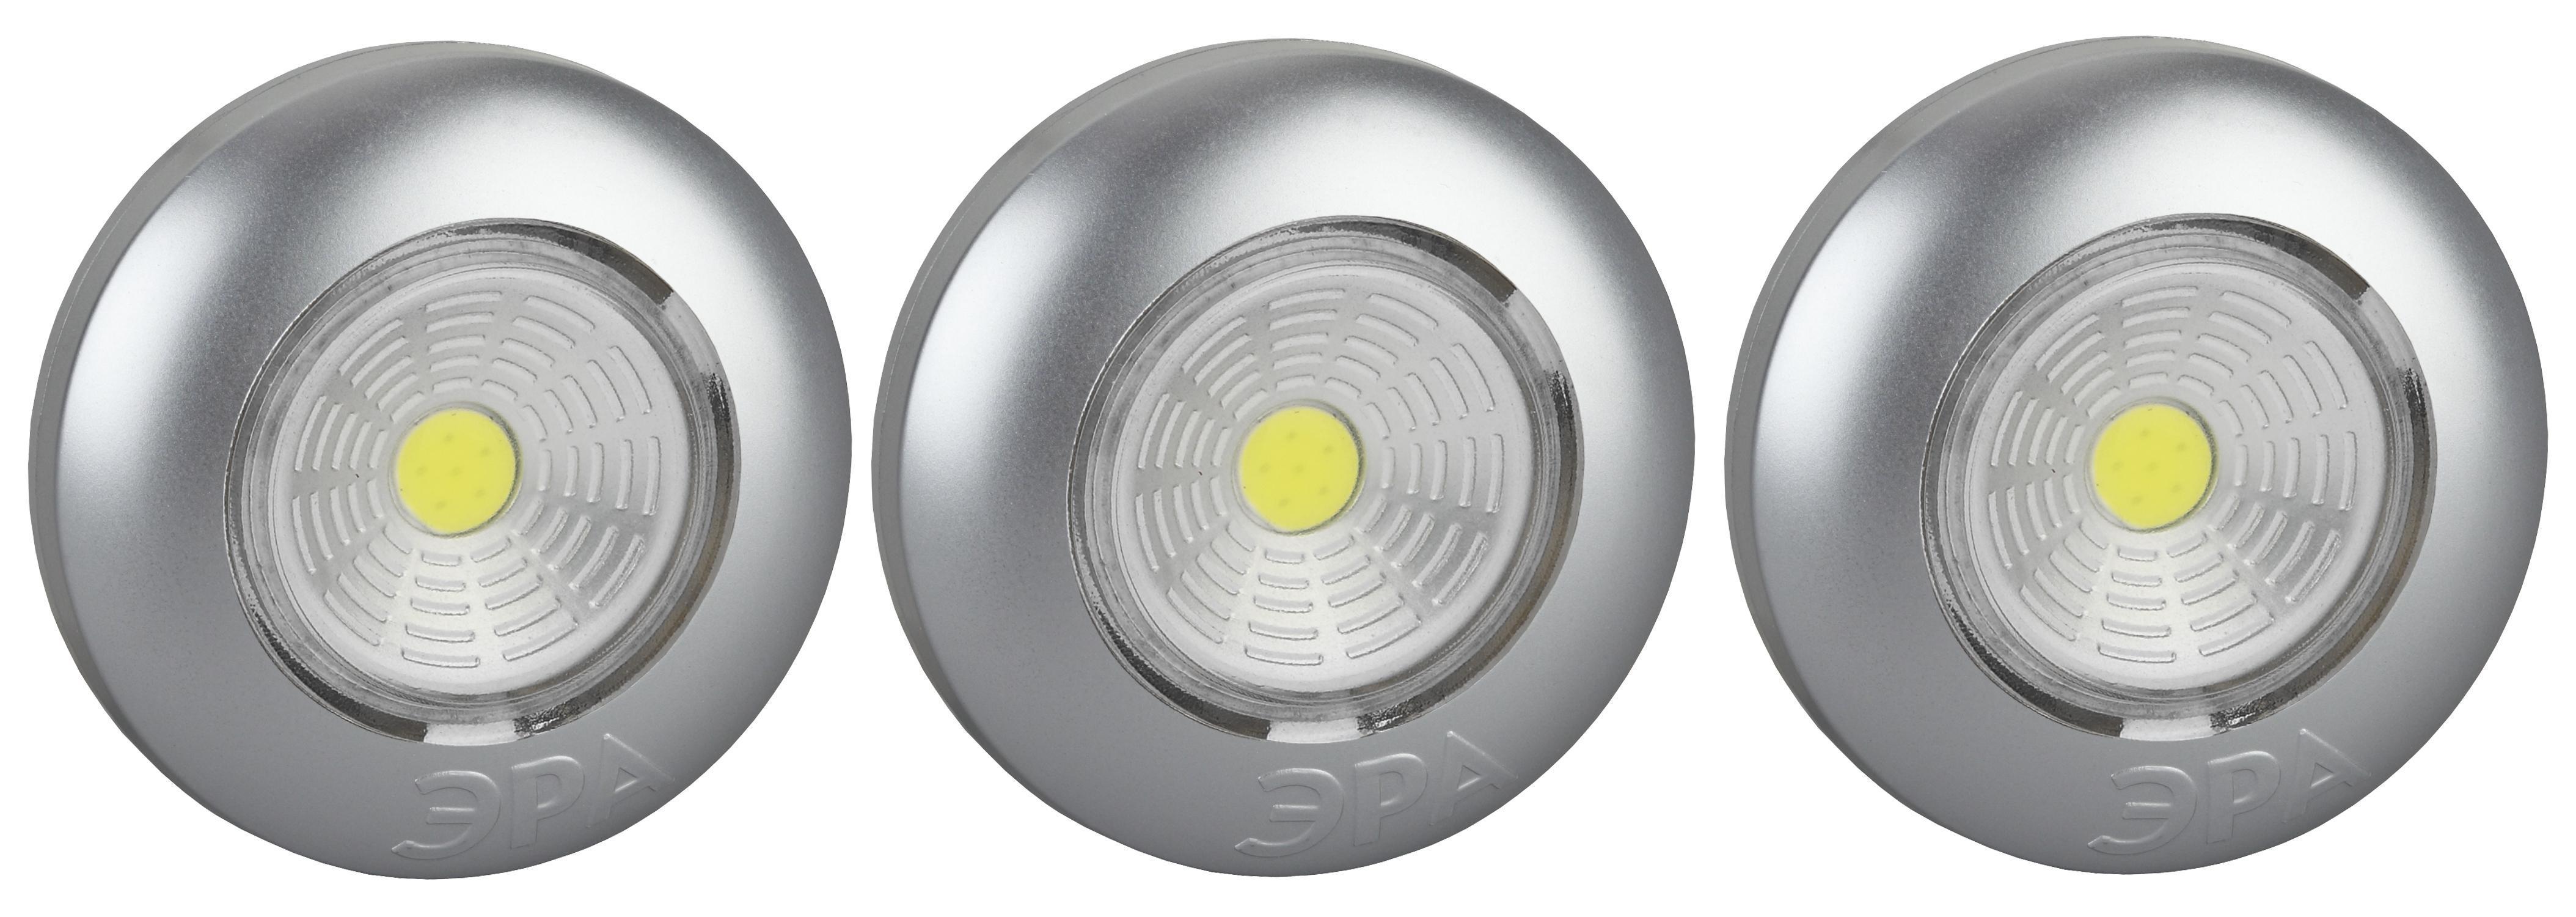 Фонарь ЭРА Sb-504 фонарь брелок эра 1xled с лазерной указкой